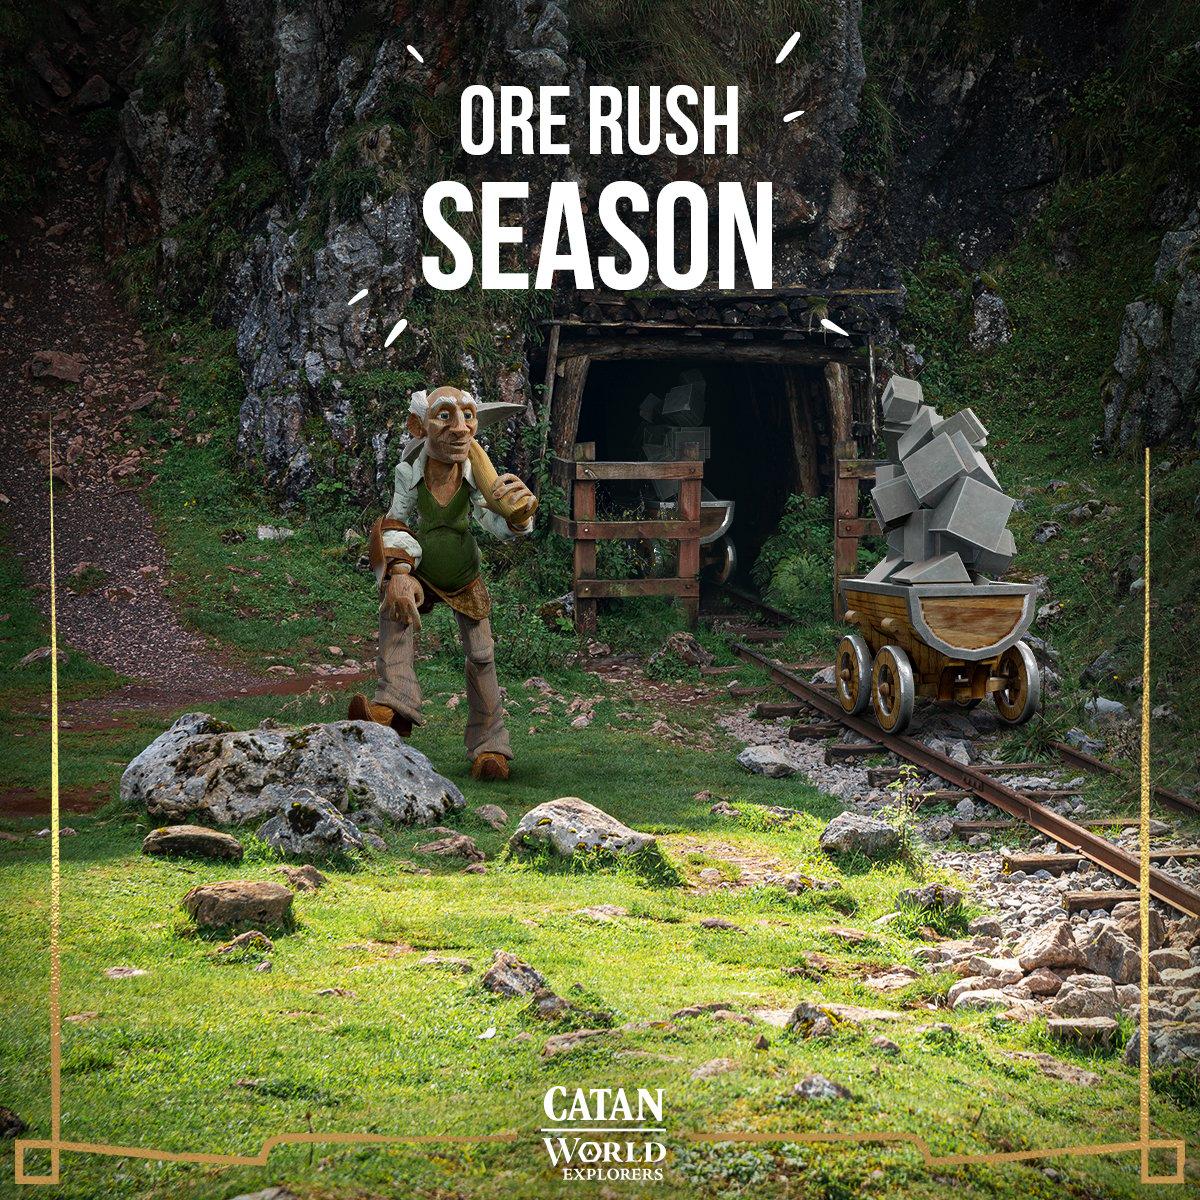 Catan_Ore Season Announcement_1x1 (1).jpg